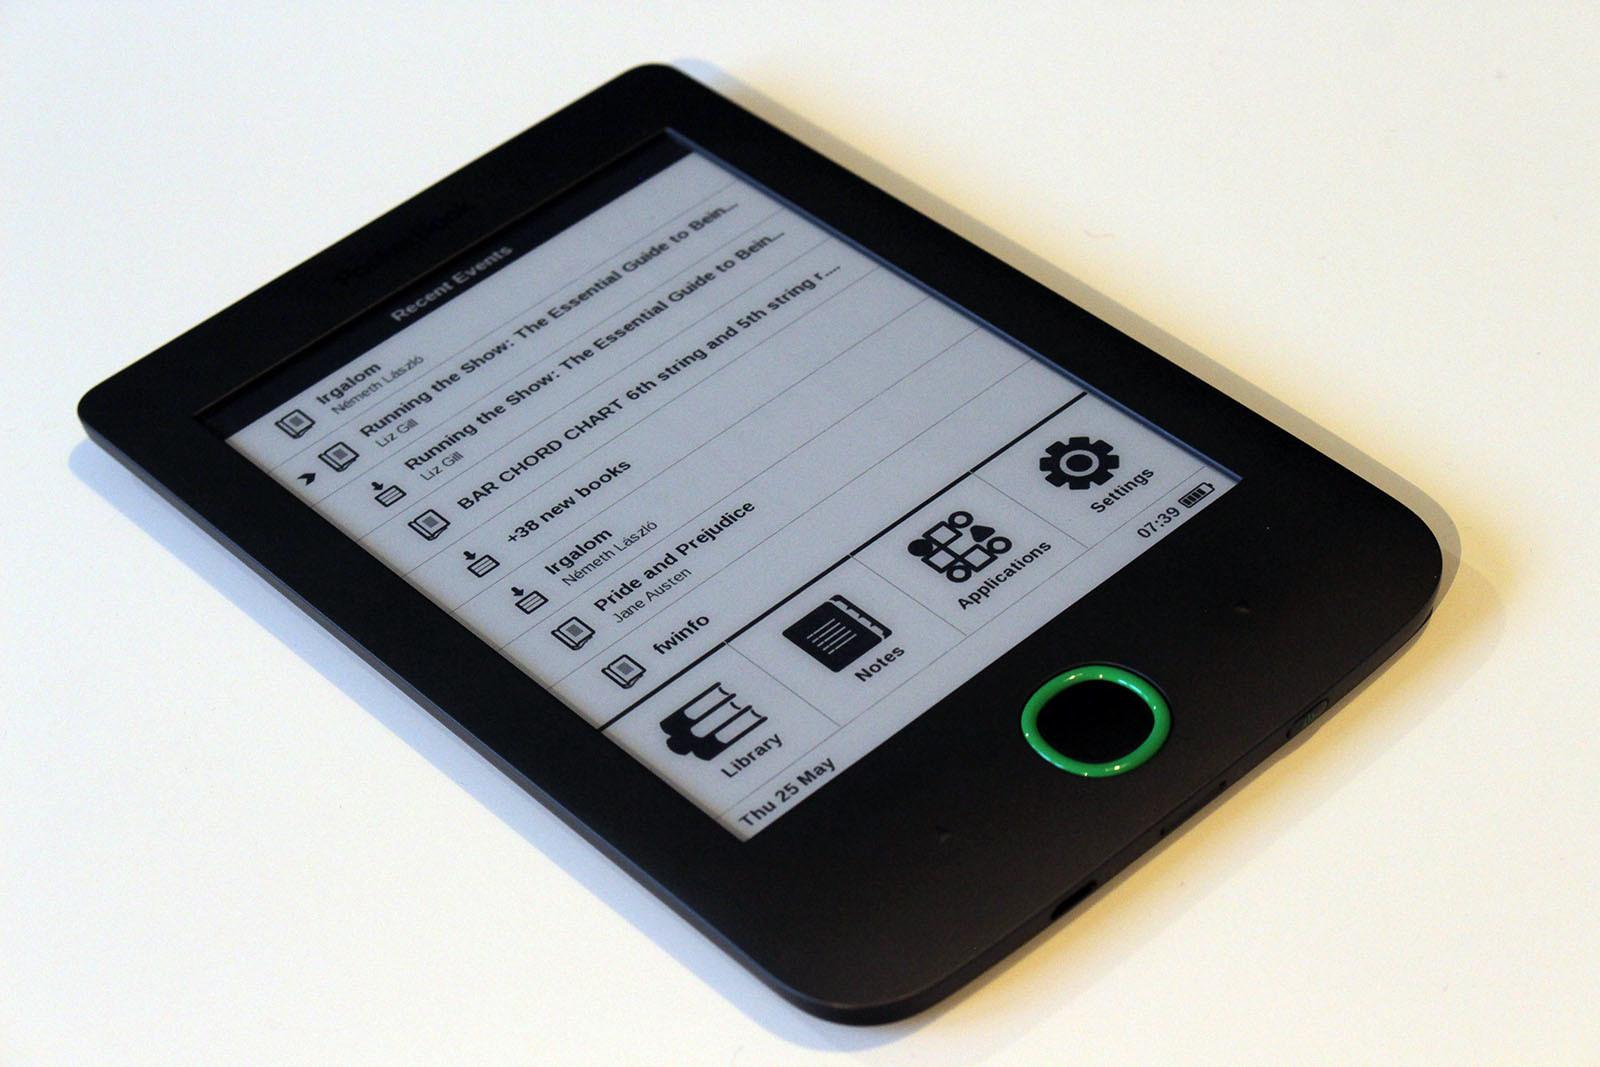 PocketBook Basic 2 Most, hogy már majdnem két hónapot eltöltöttünk a PocketBook sokak által emlegetett, megfizethető eBook olvasójával, összefoglalunk!